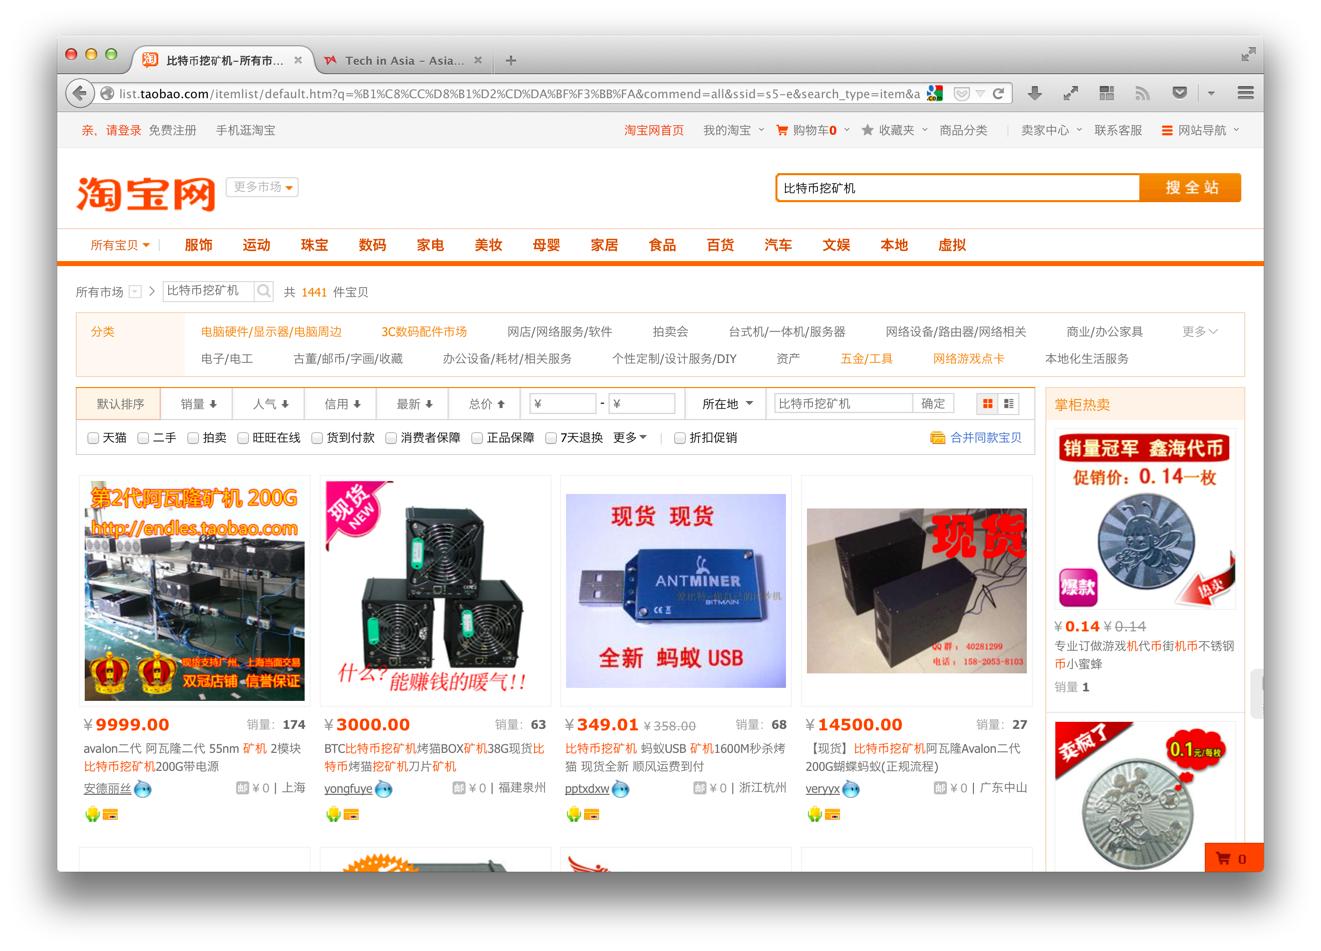 Taobao cấm hàng hóa, dịch vụ liên quan đến cryptocurrency